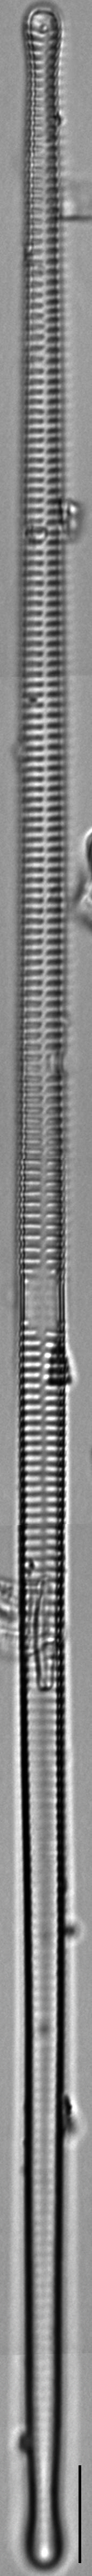 Ulnaria delicatissima LM15